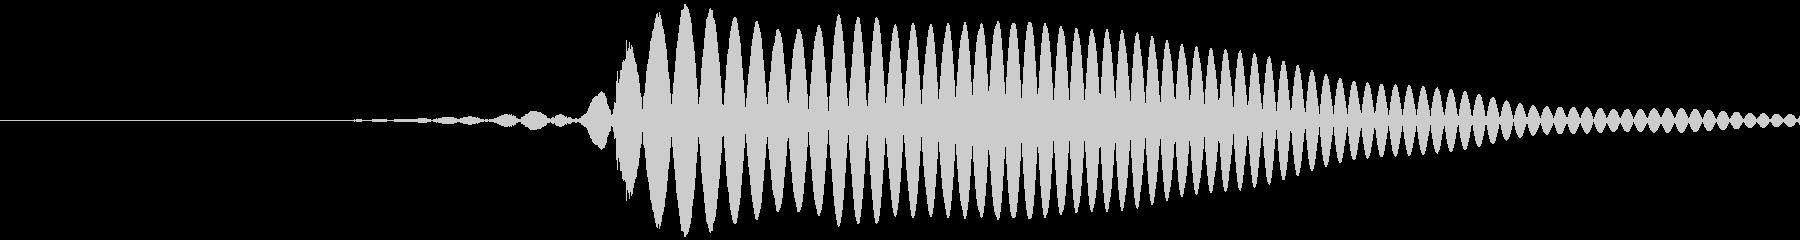 ポッッ (低め) テロップ音など の未再生の波形